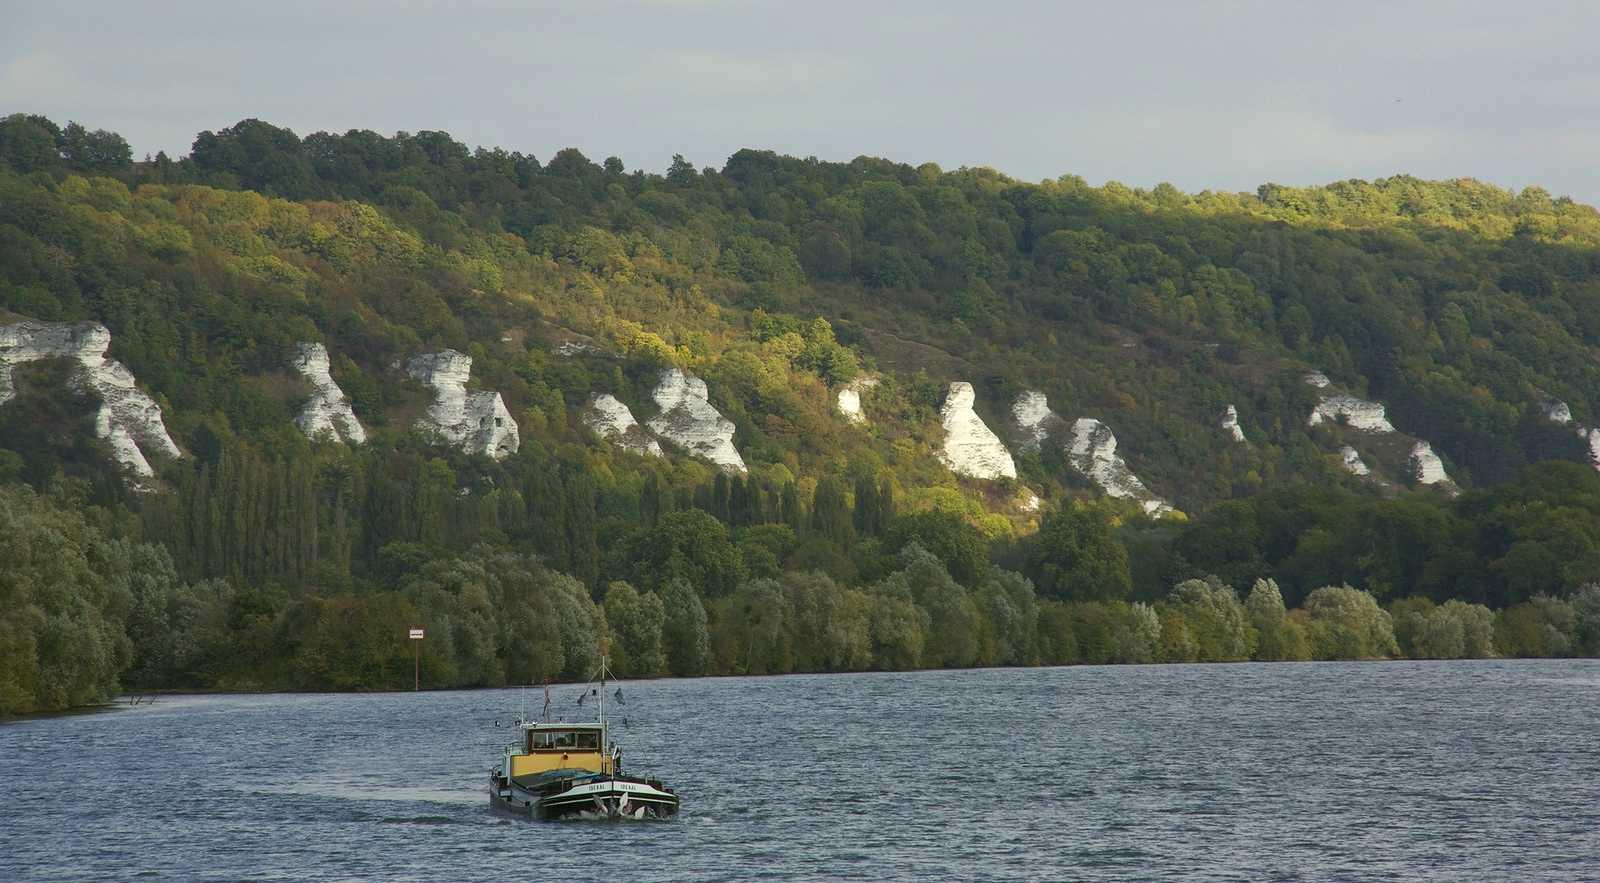 Vue sur la Seine et les falaises, près de La Roche-Guyon